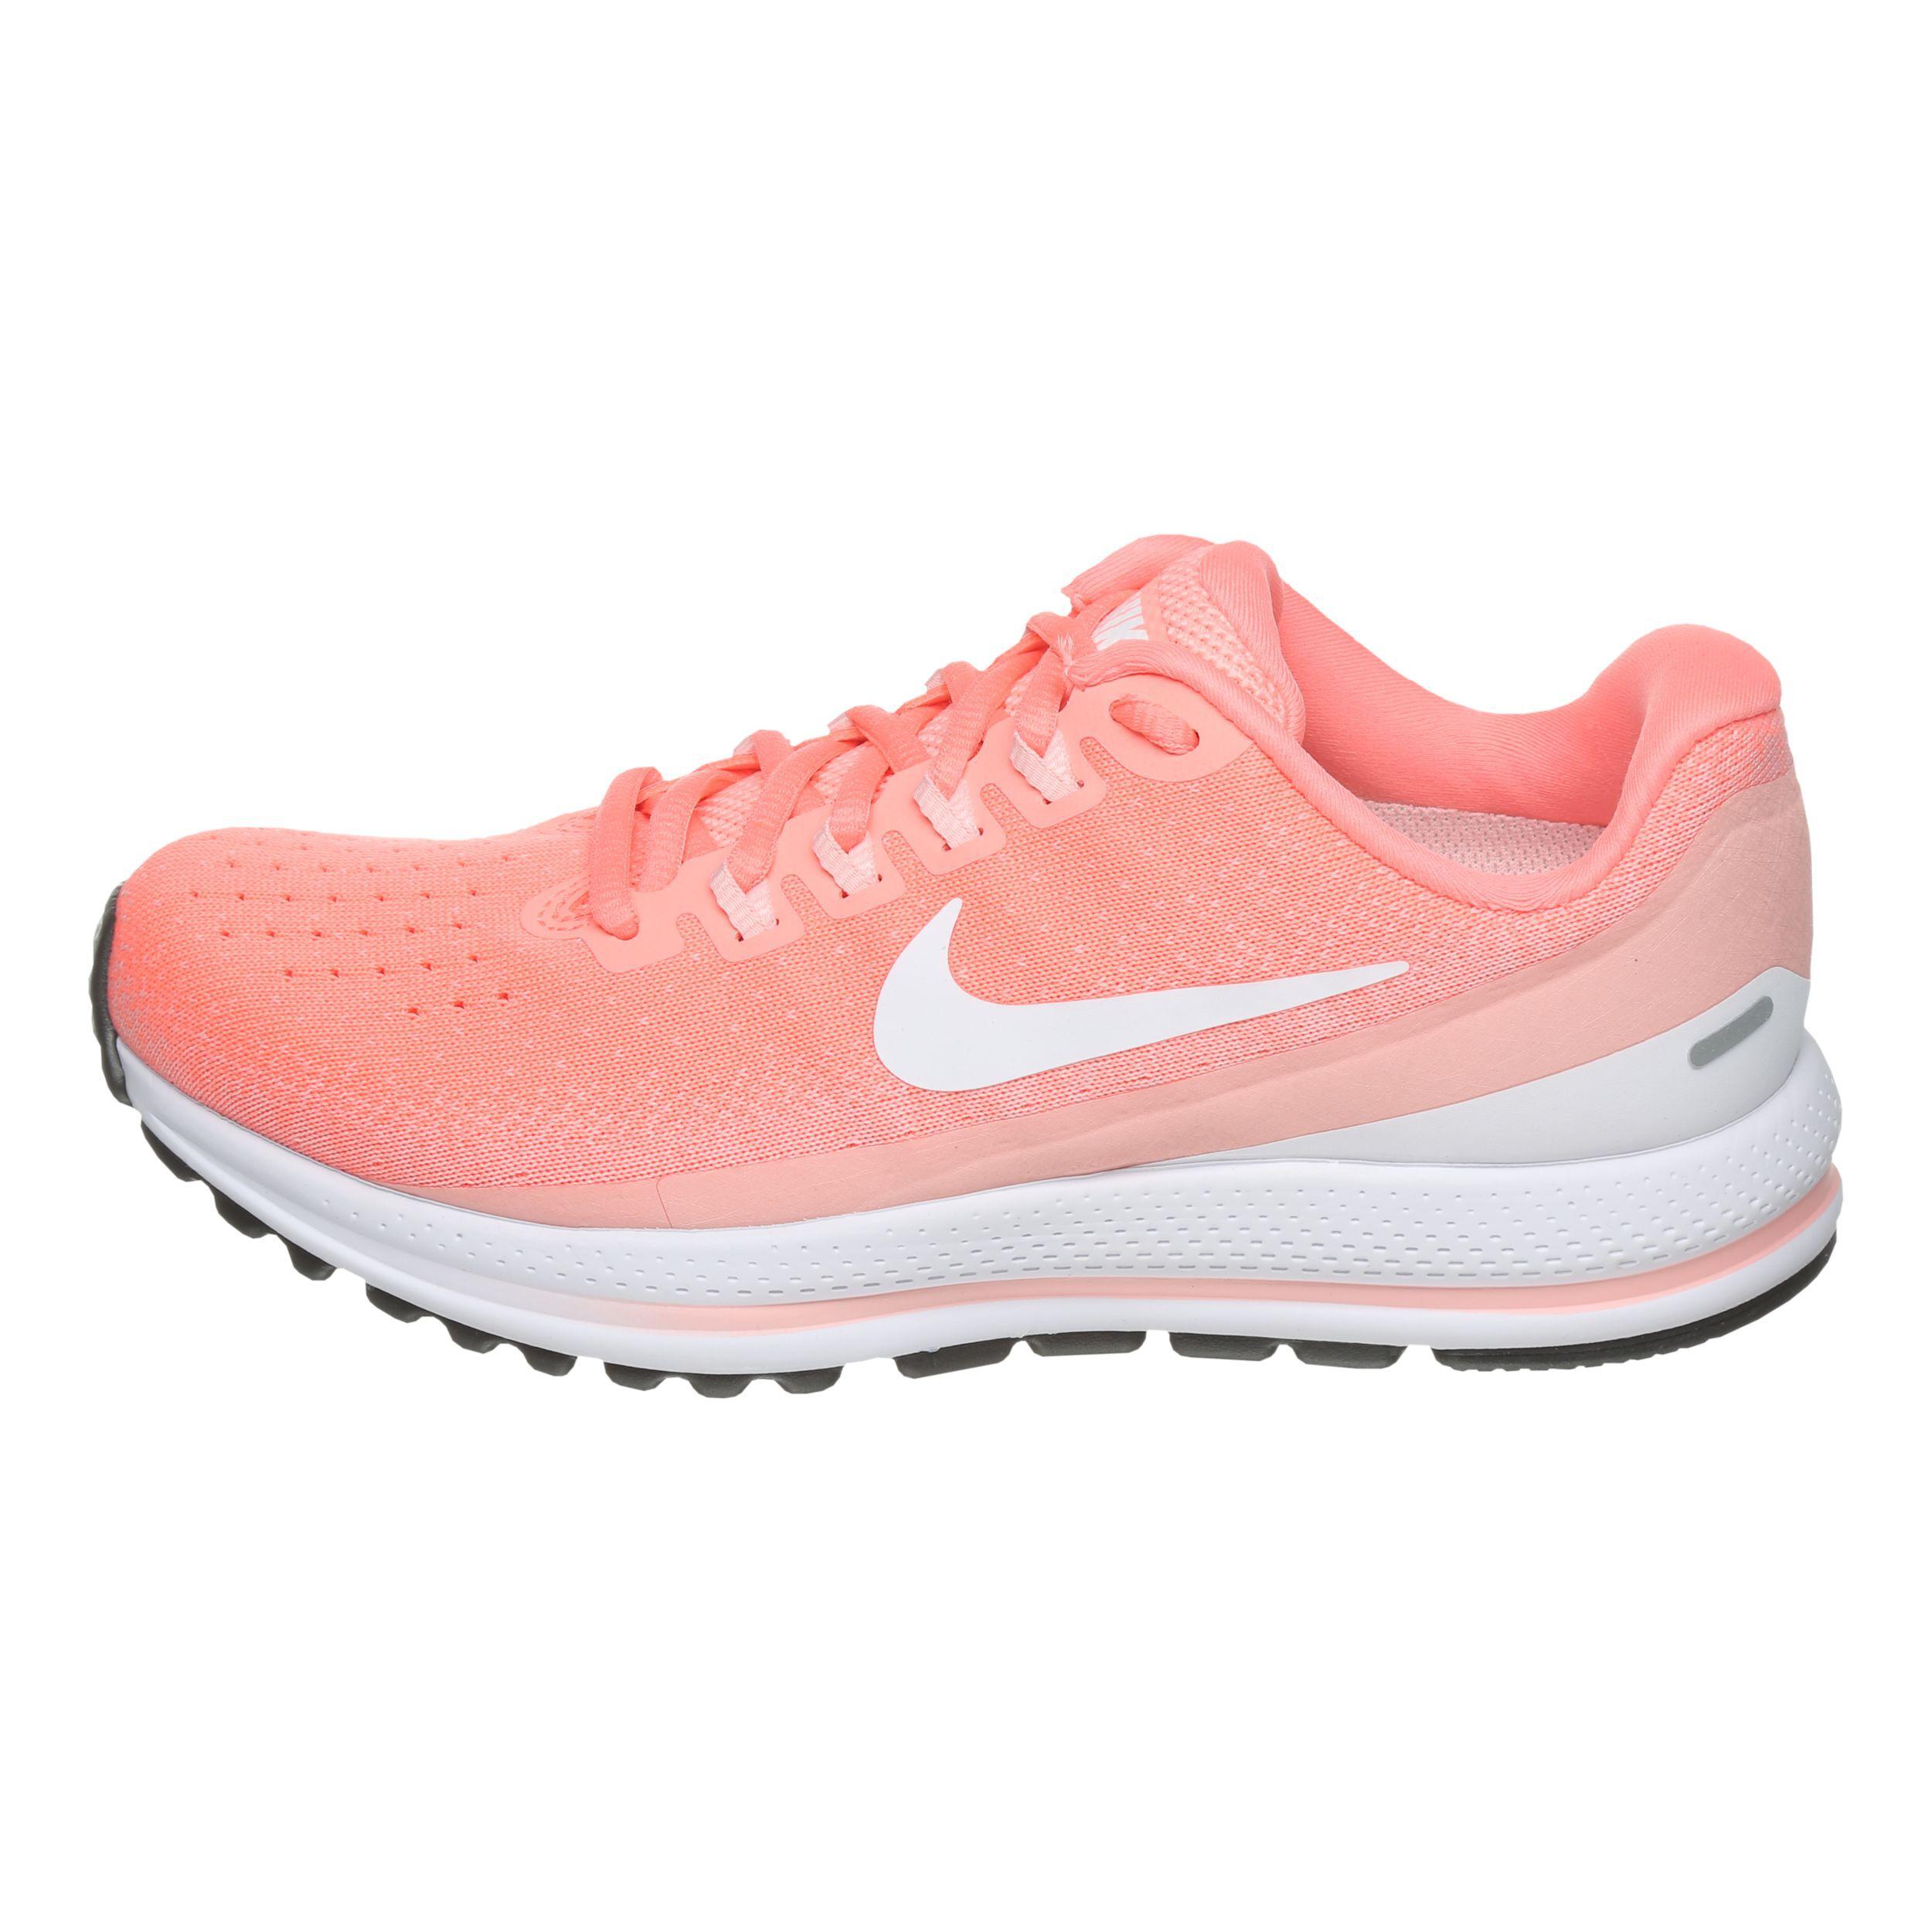 Nike Air Zoom Vomero 13 Neutralschuh Damen Rosa, Weiß